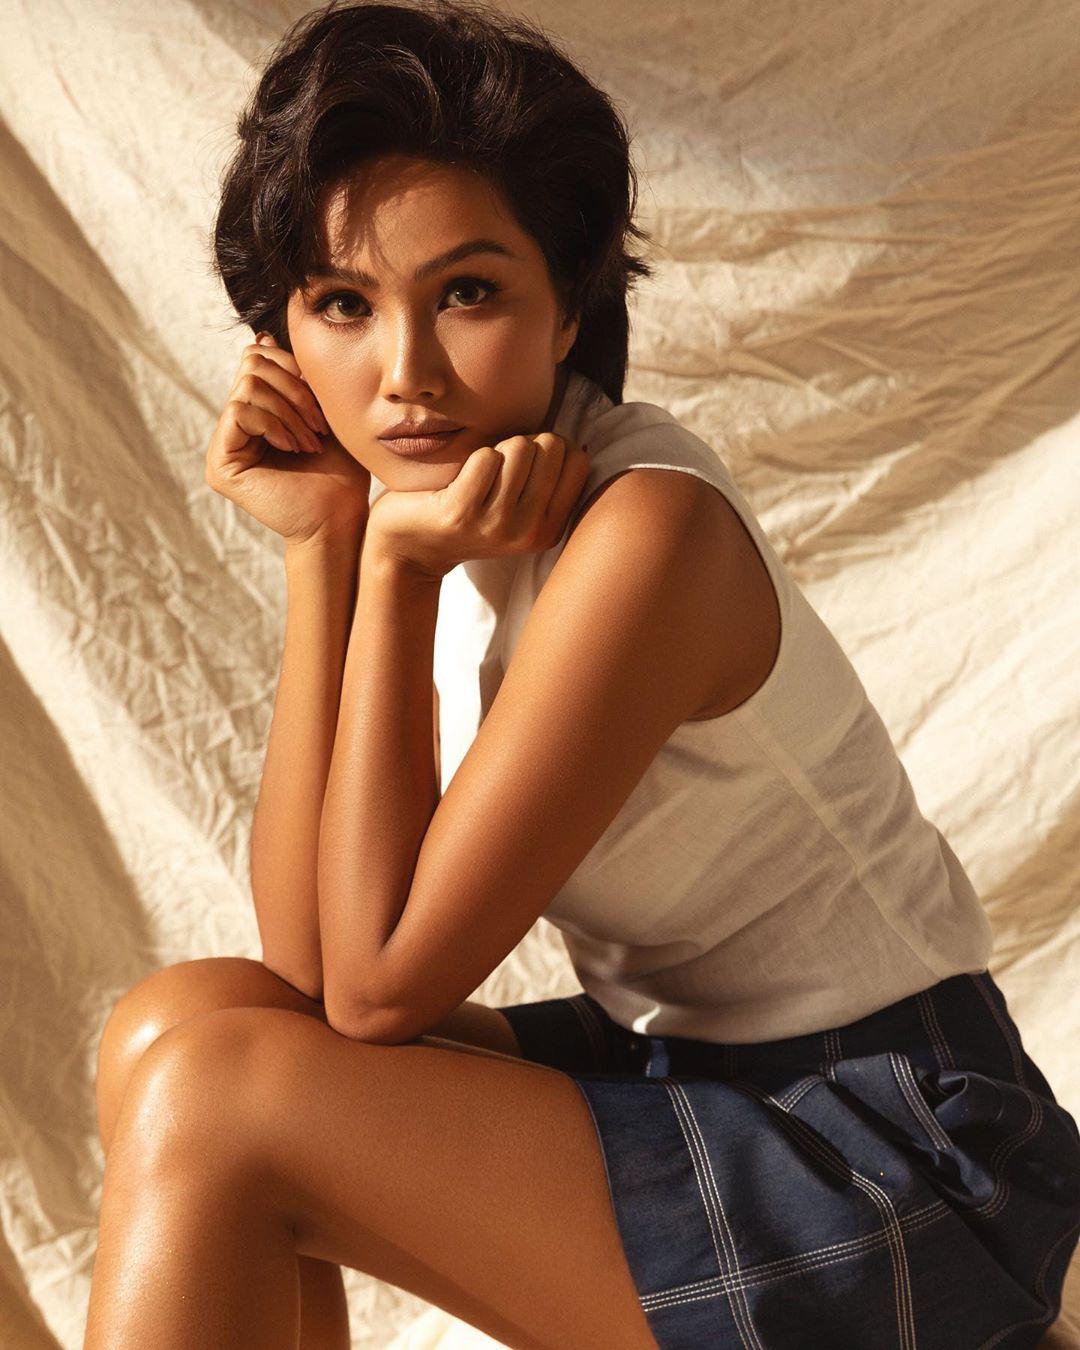 Hương Giang là hoa hậu Việt được theo dõi nhiều nhất trên Instagram